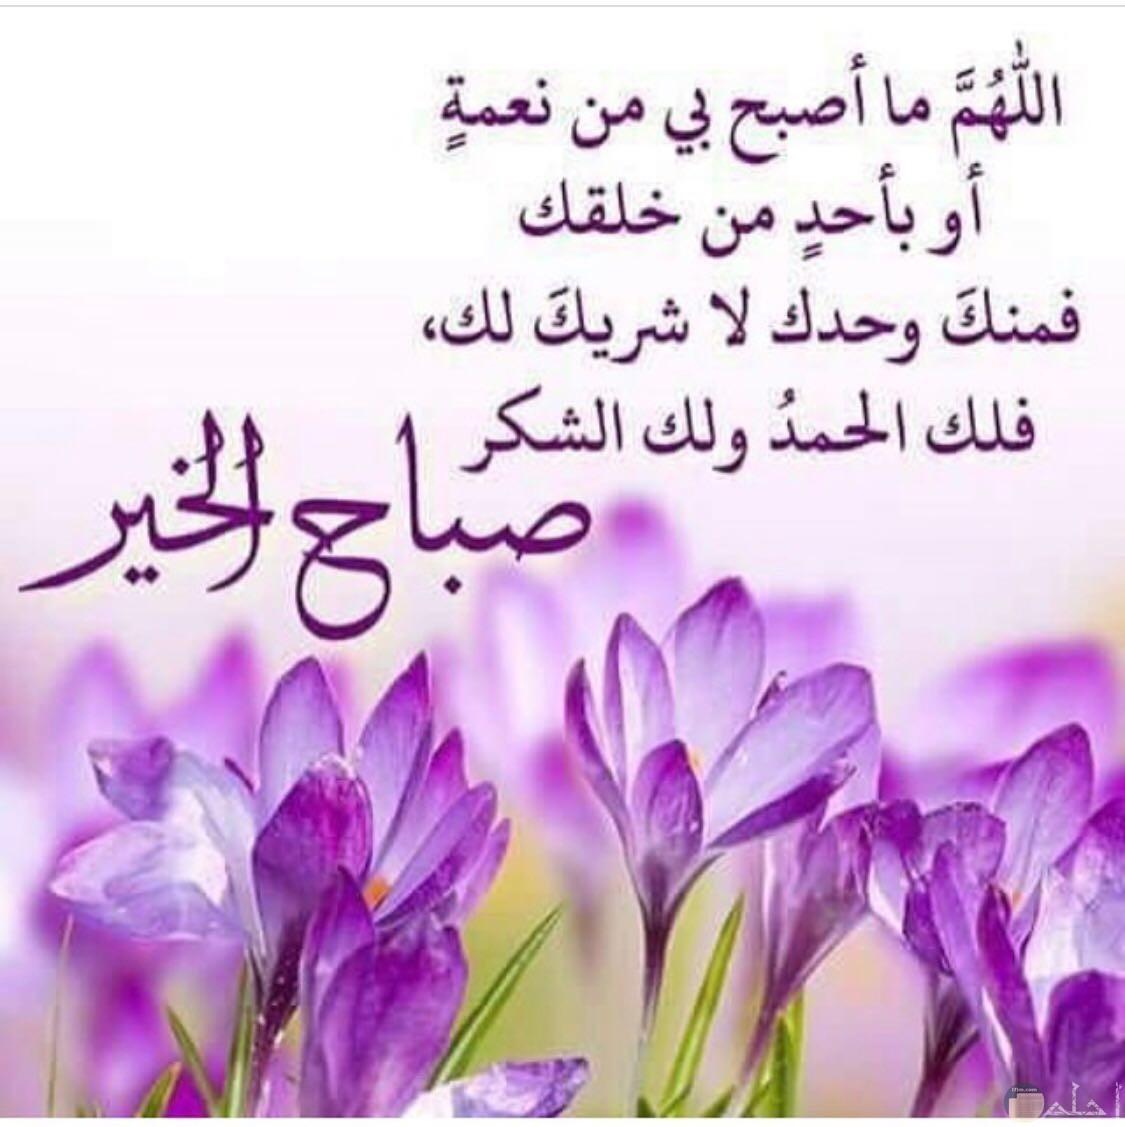 اللهم ما اصبح من نعمة او بأحد من خلقك فمنك وحدك